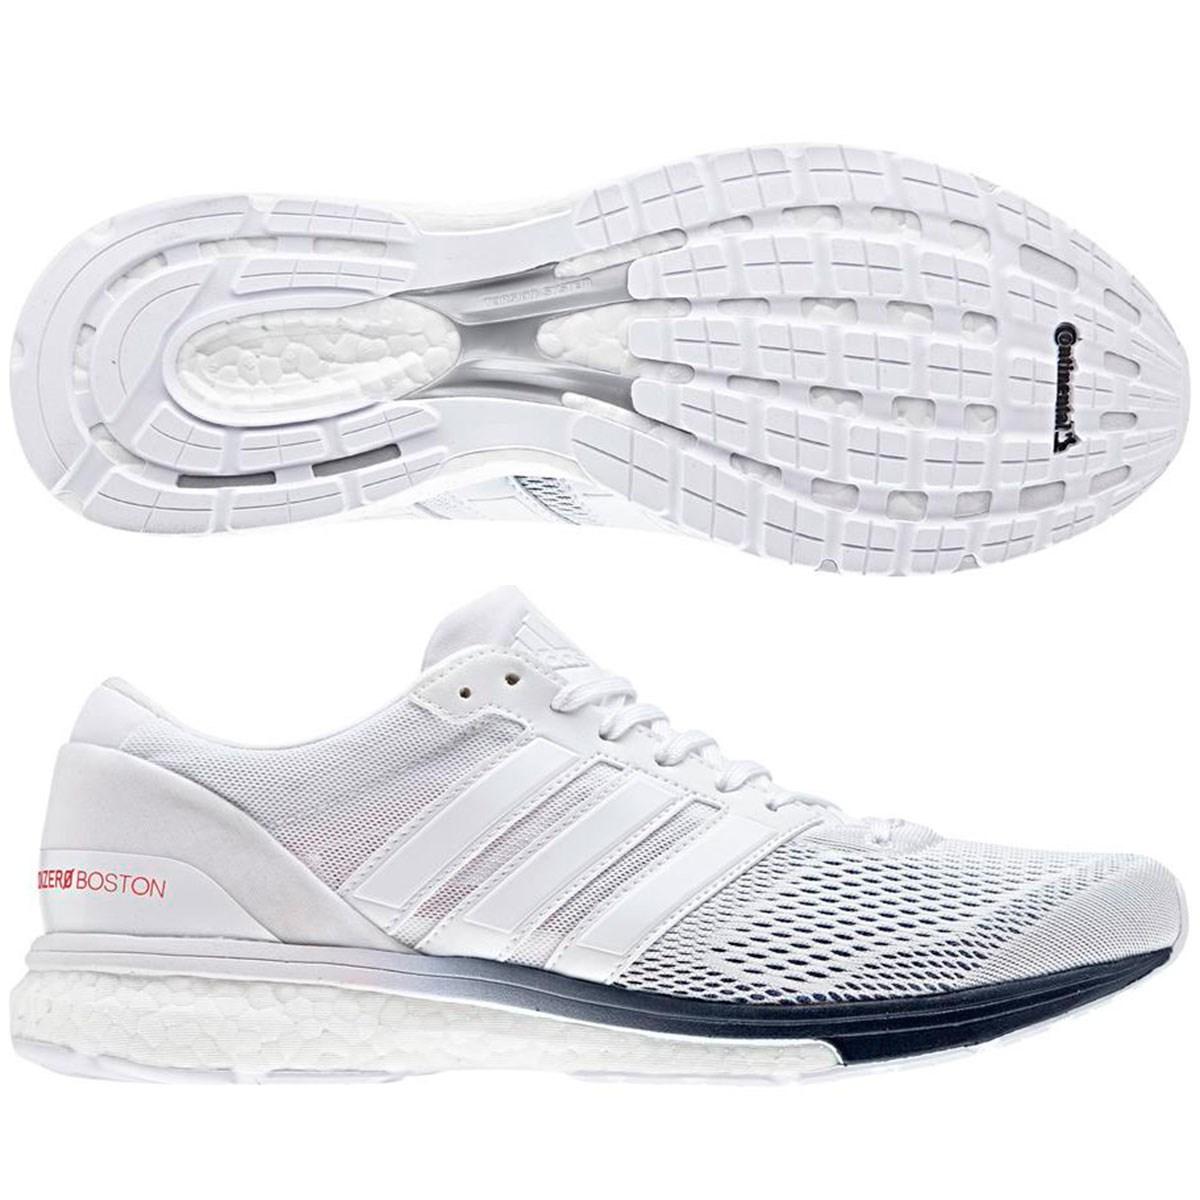 アディダス(adidas) adiZERO boston BOOST 2 AKTIV シューズ